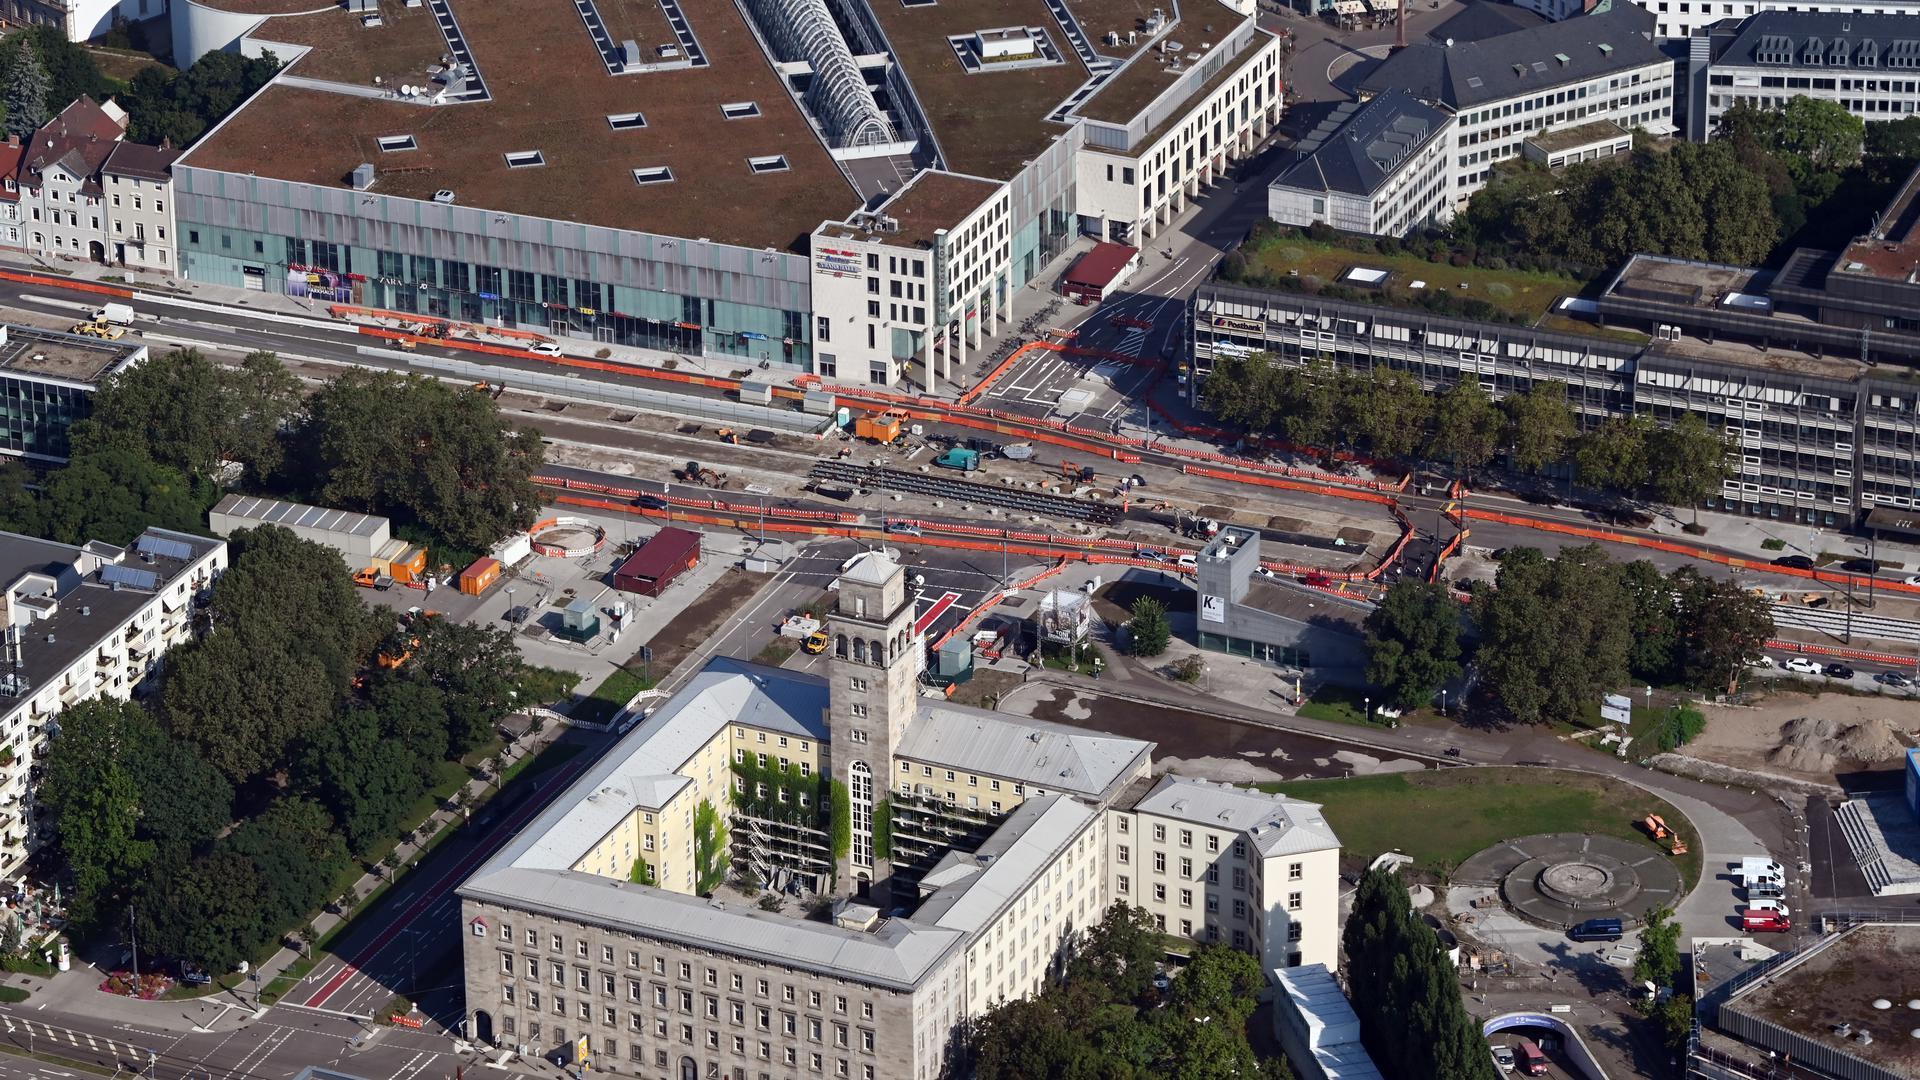 Die umfassende Neugestaltung am Ettlinger Tor werde zum 20. September fertiggestellt, hieß es.